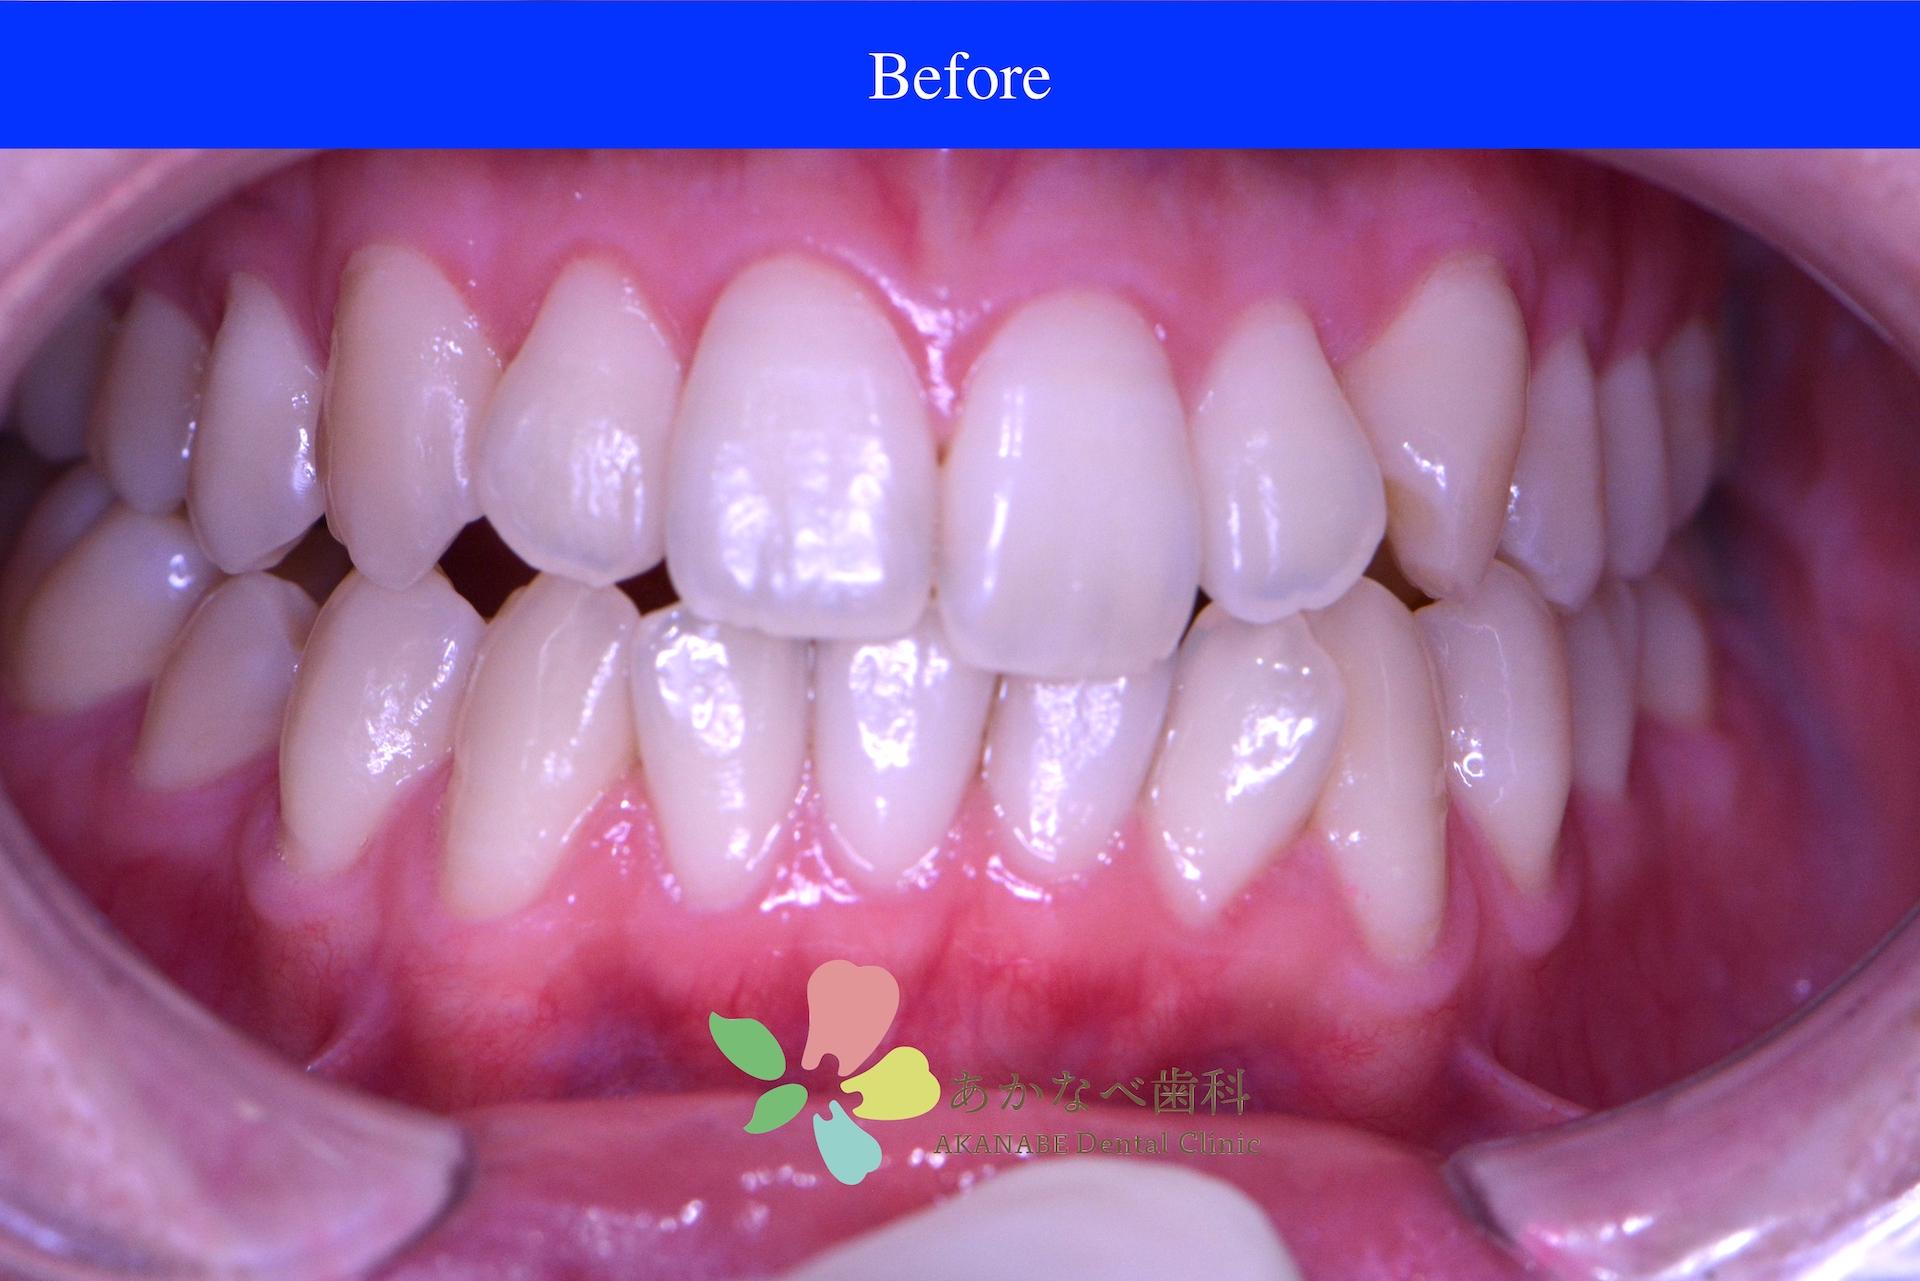 あかなべ歯科_ホワイトニング_20210116_術前